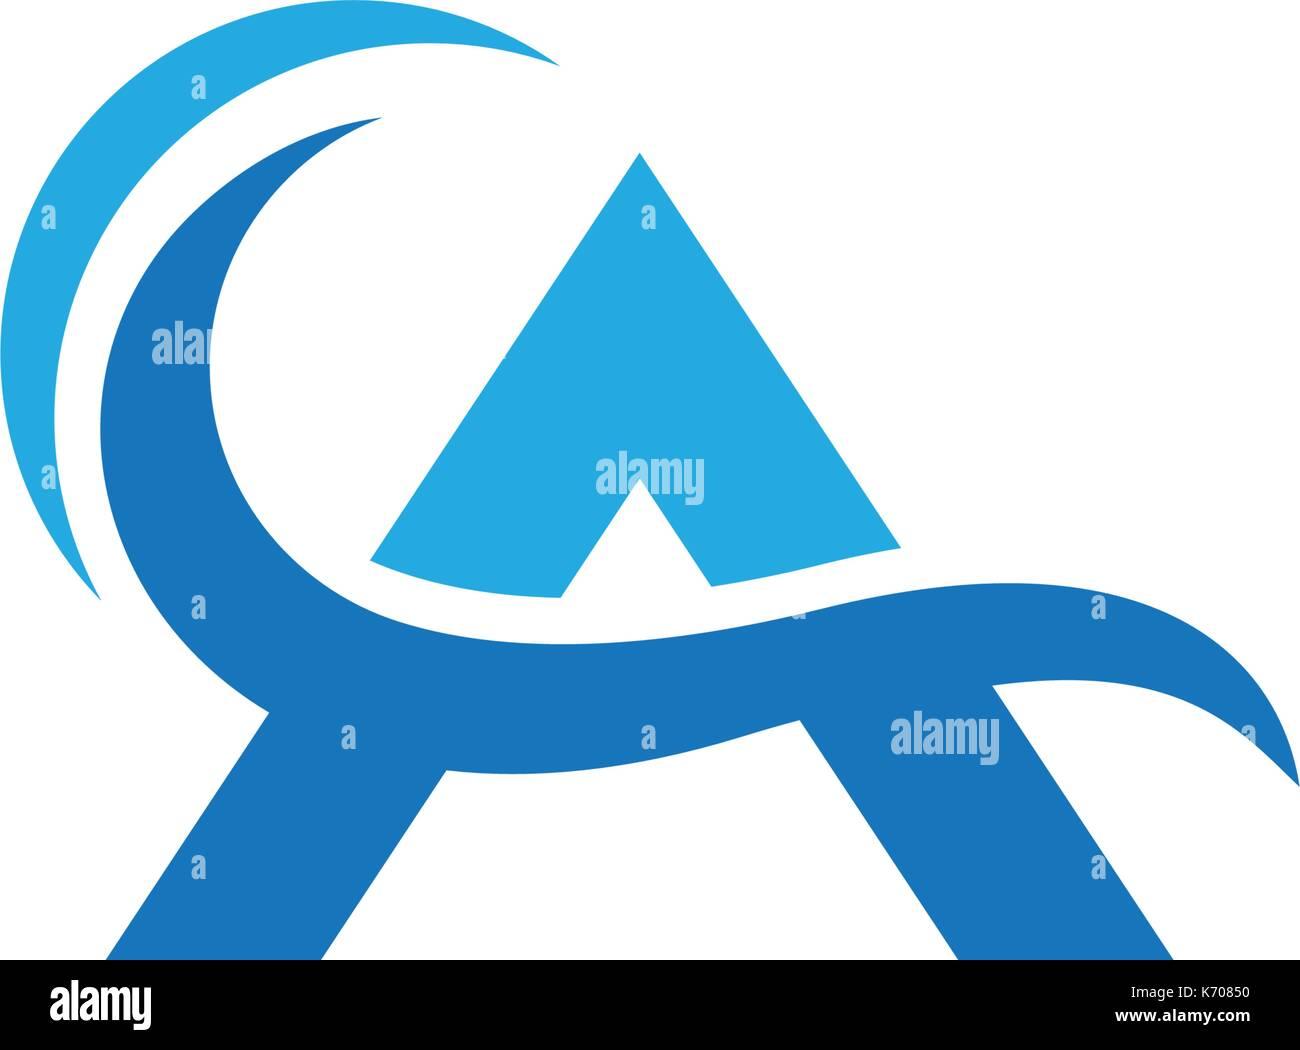 Acqua logo a forma di onda modello illustrazione vettoriale design Illustrazione Vettoriale